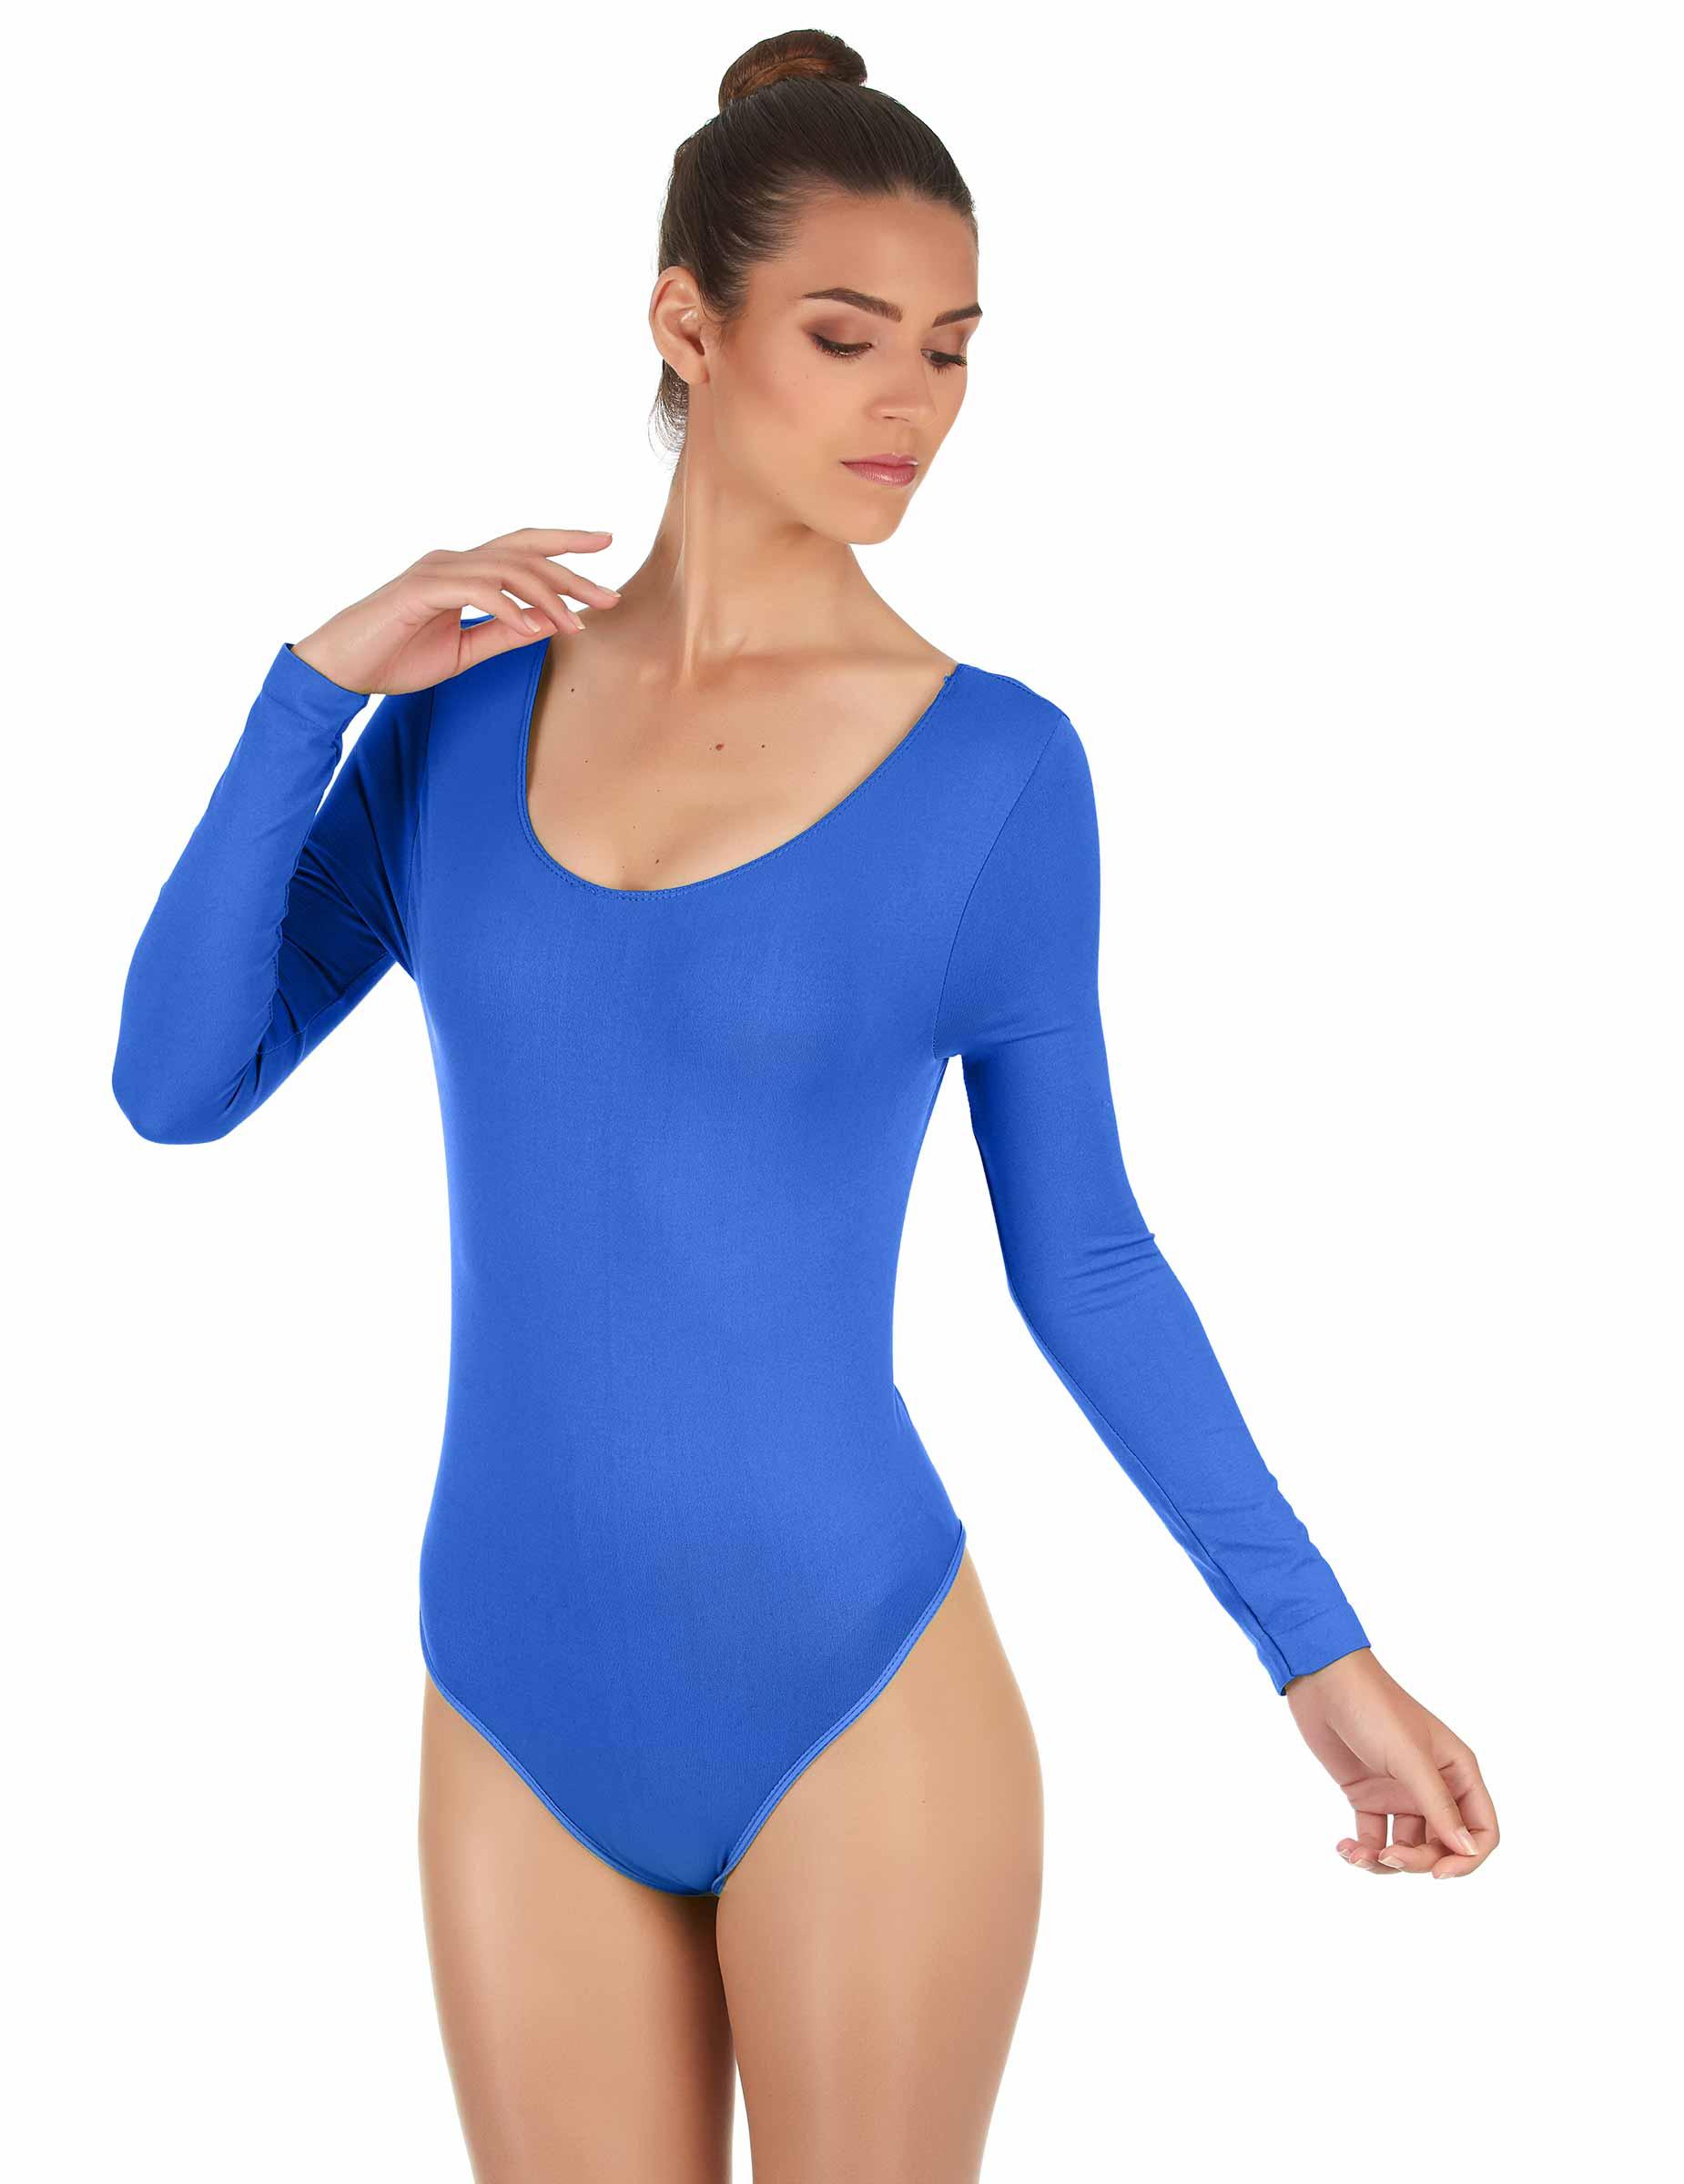 Body bleu adulte   Deguise-toi 884737326f3